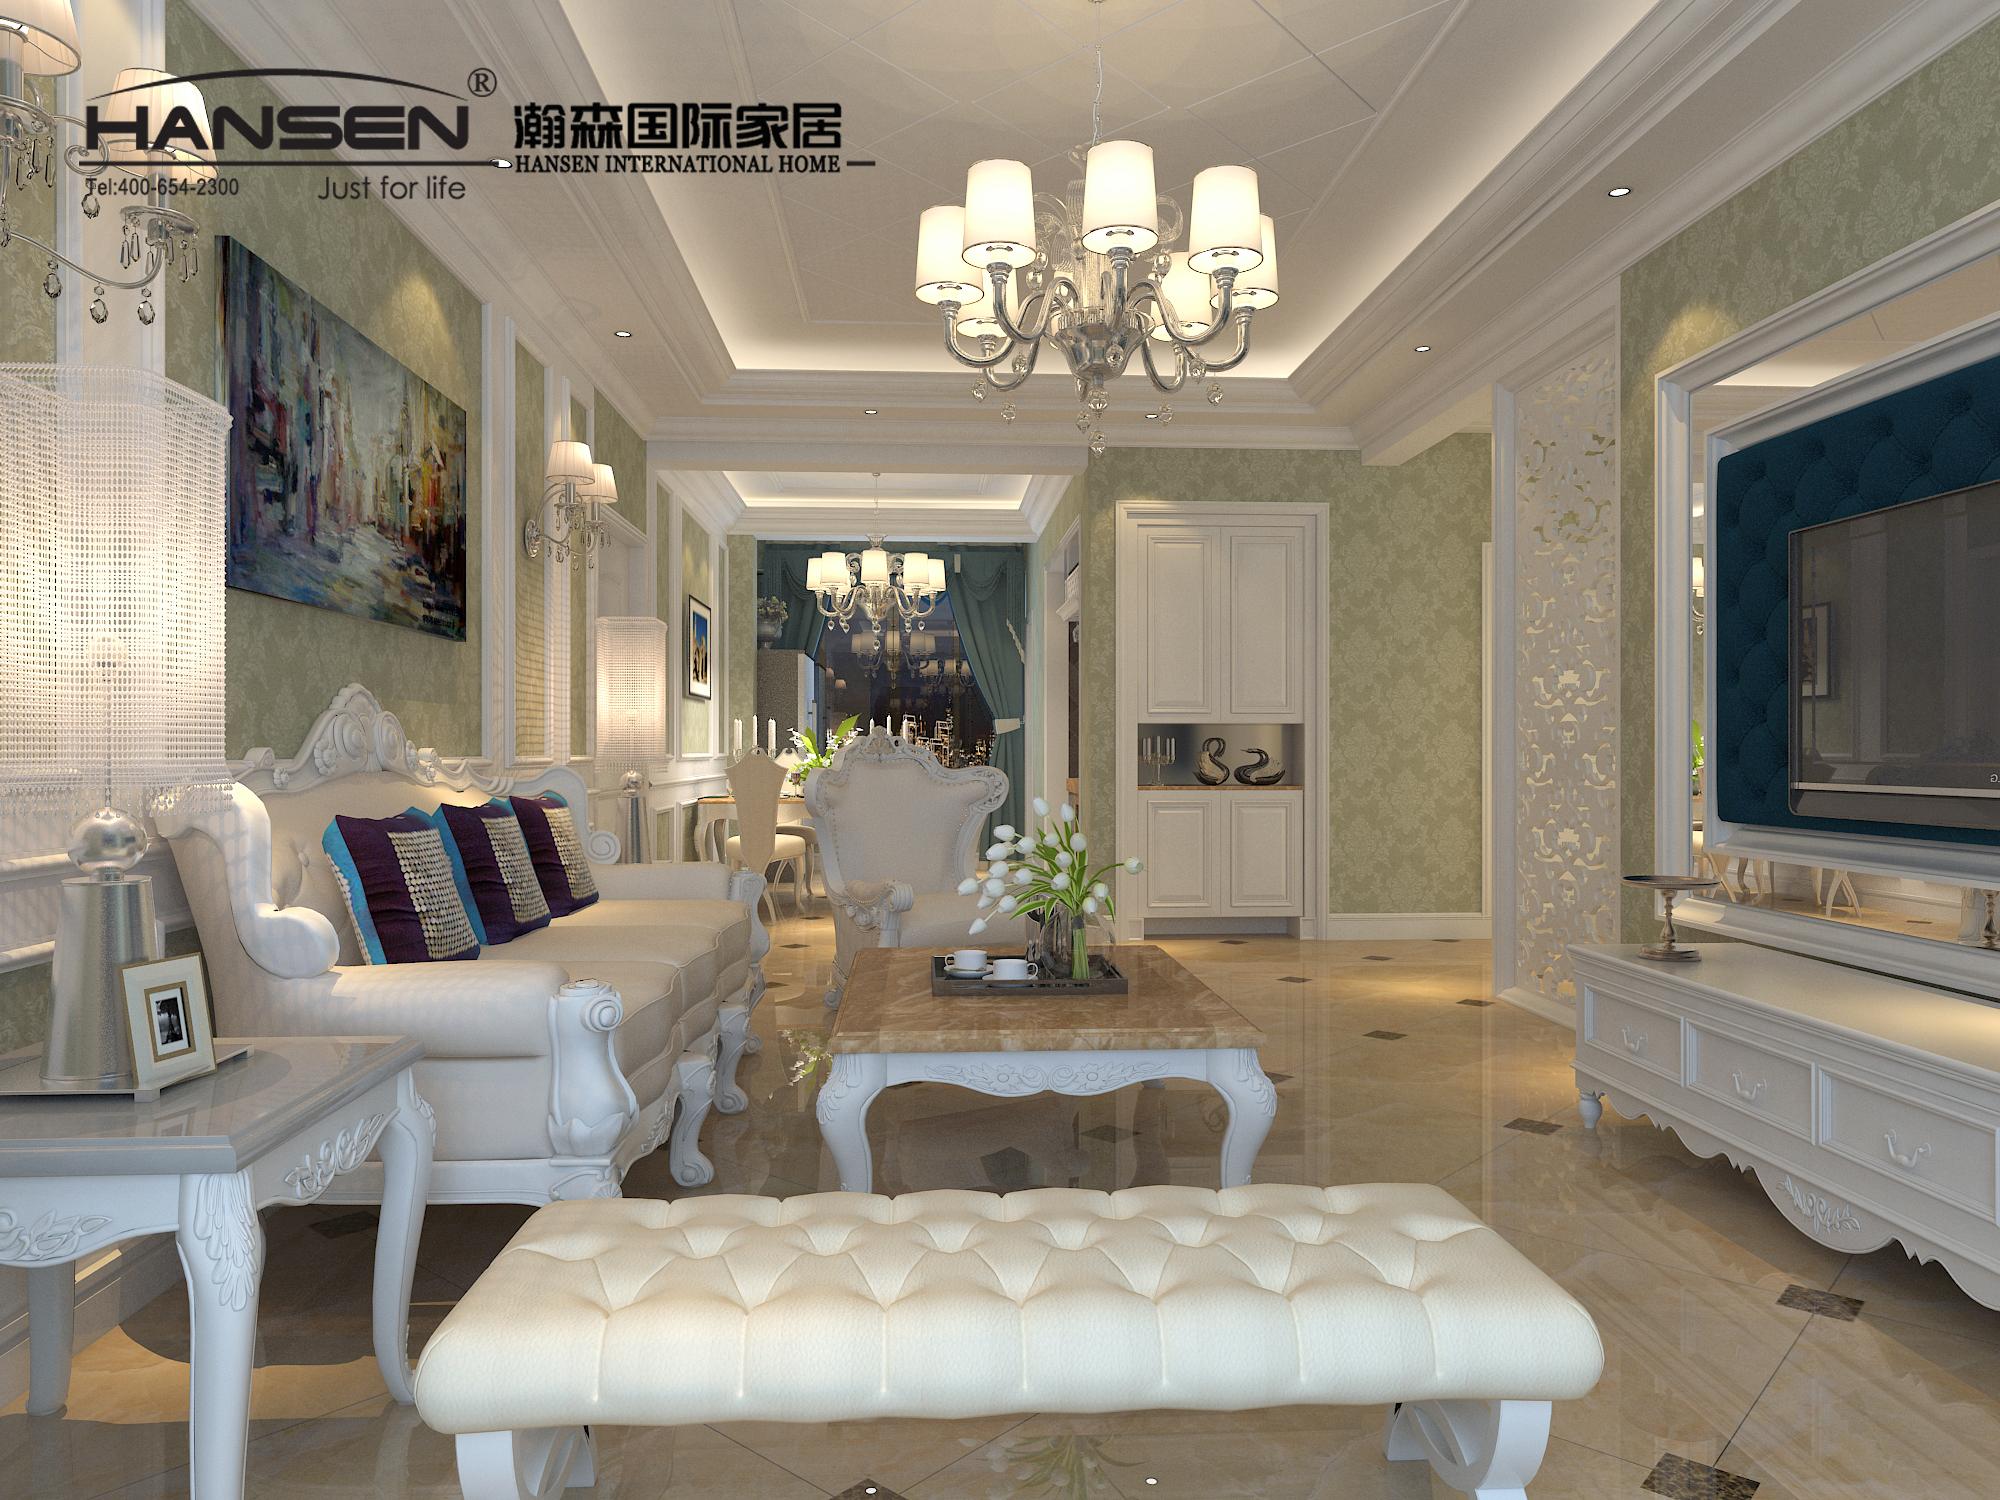 简欧风格就是简化了的欧式装修风格,也是住宅别墅装修最流行的风